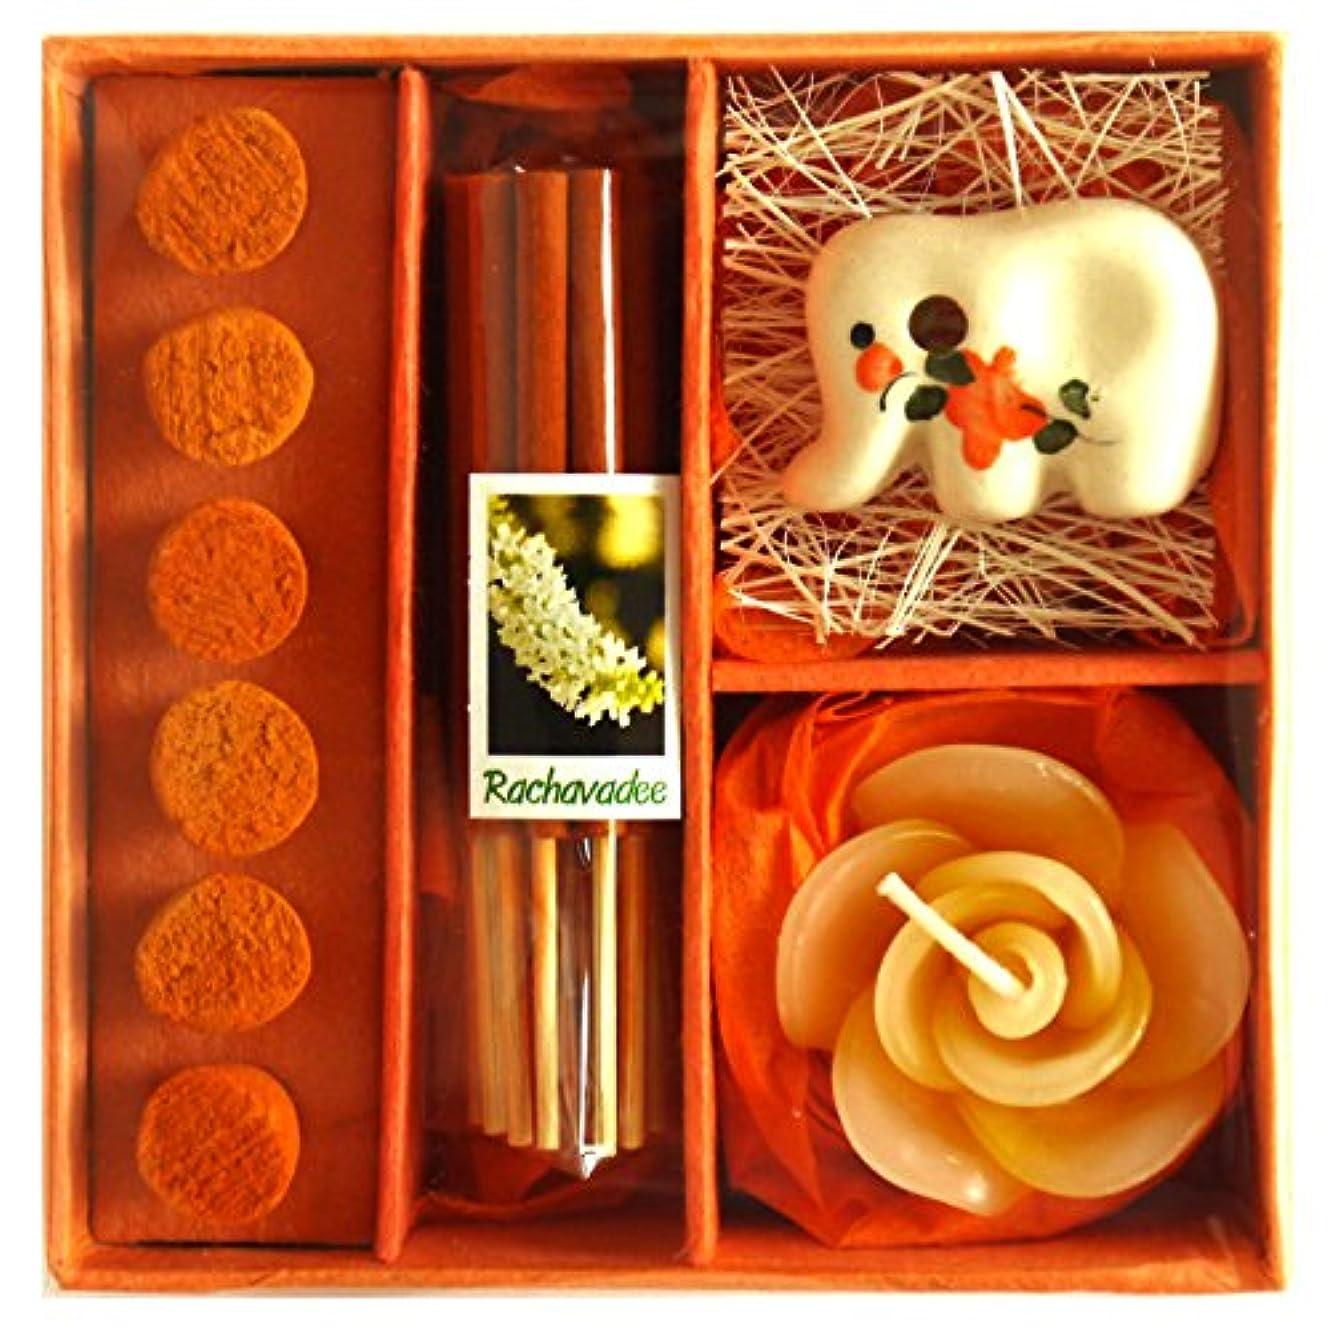 陰気ポジション考えたアロマギフトBOX 退職ギフト 色おまかせ 香りつきアロマキャンドル 2種類のお香 陶器製お香立ての入ったギフトセット サンキューシール付き